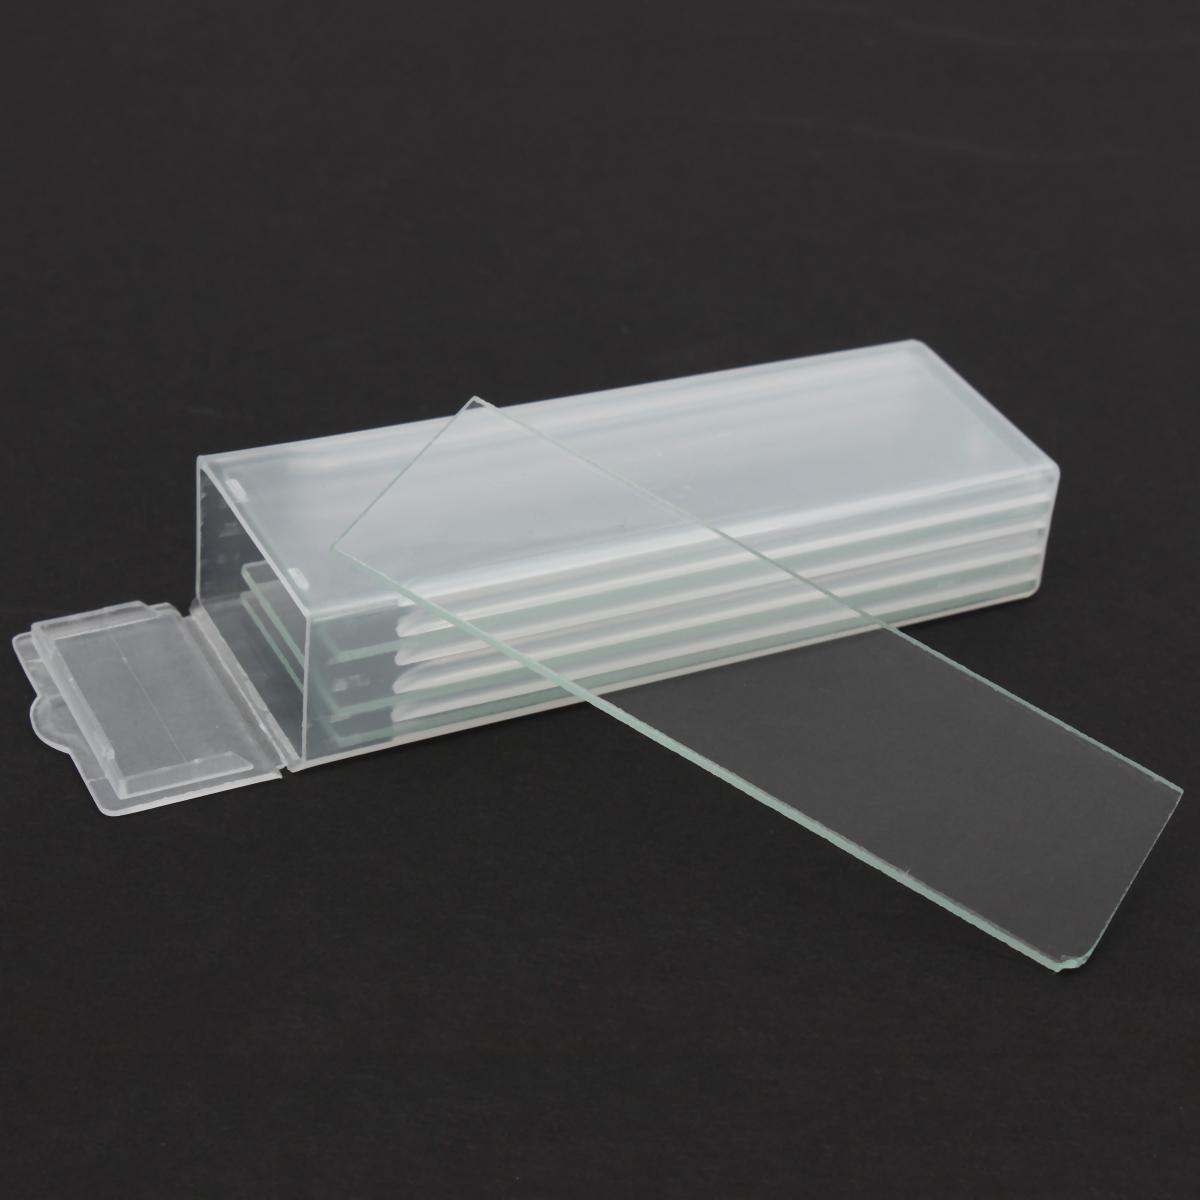 5pcs Single Concave Microscope Glass Slides Reusable La